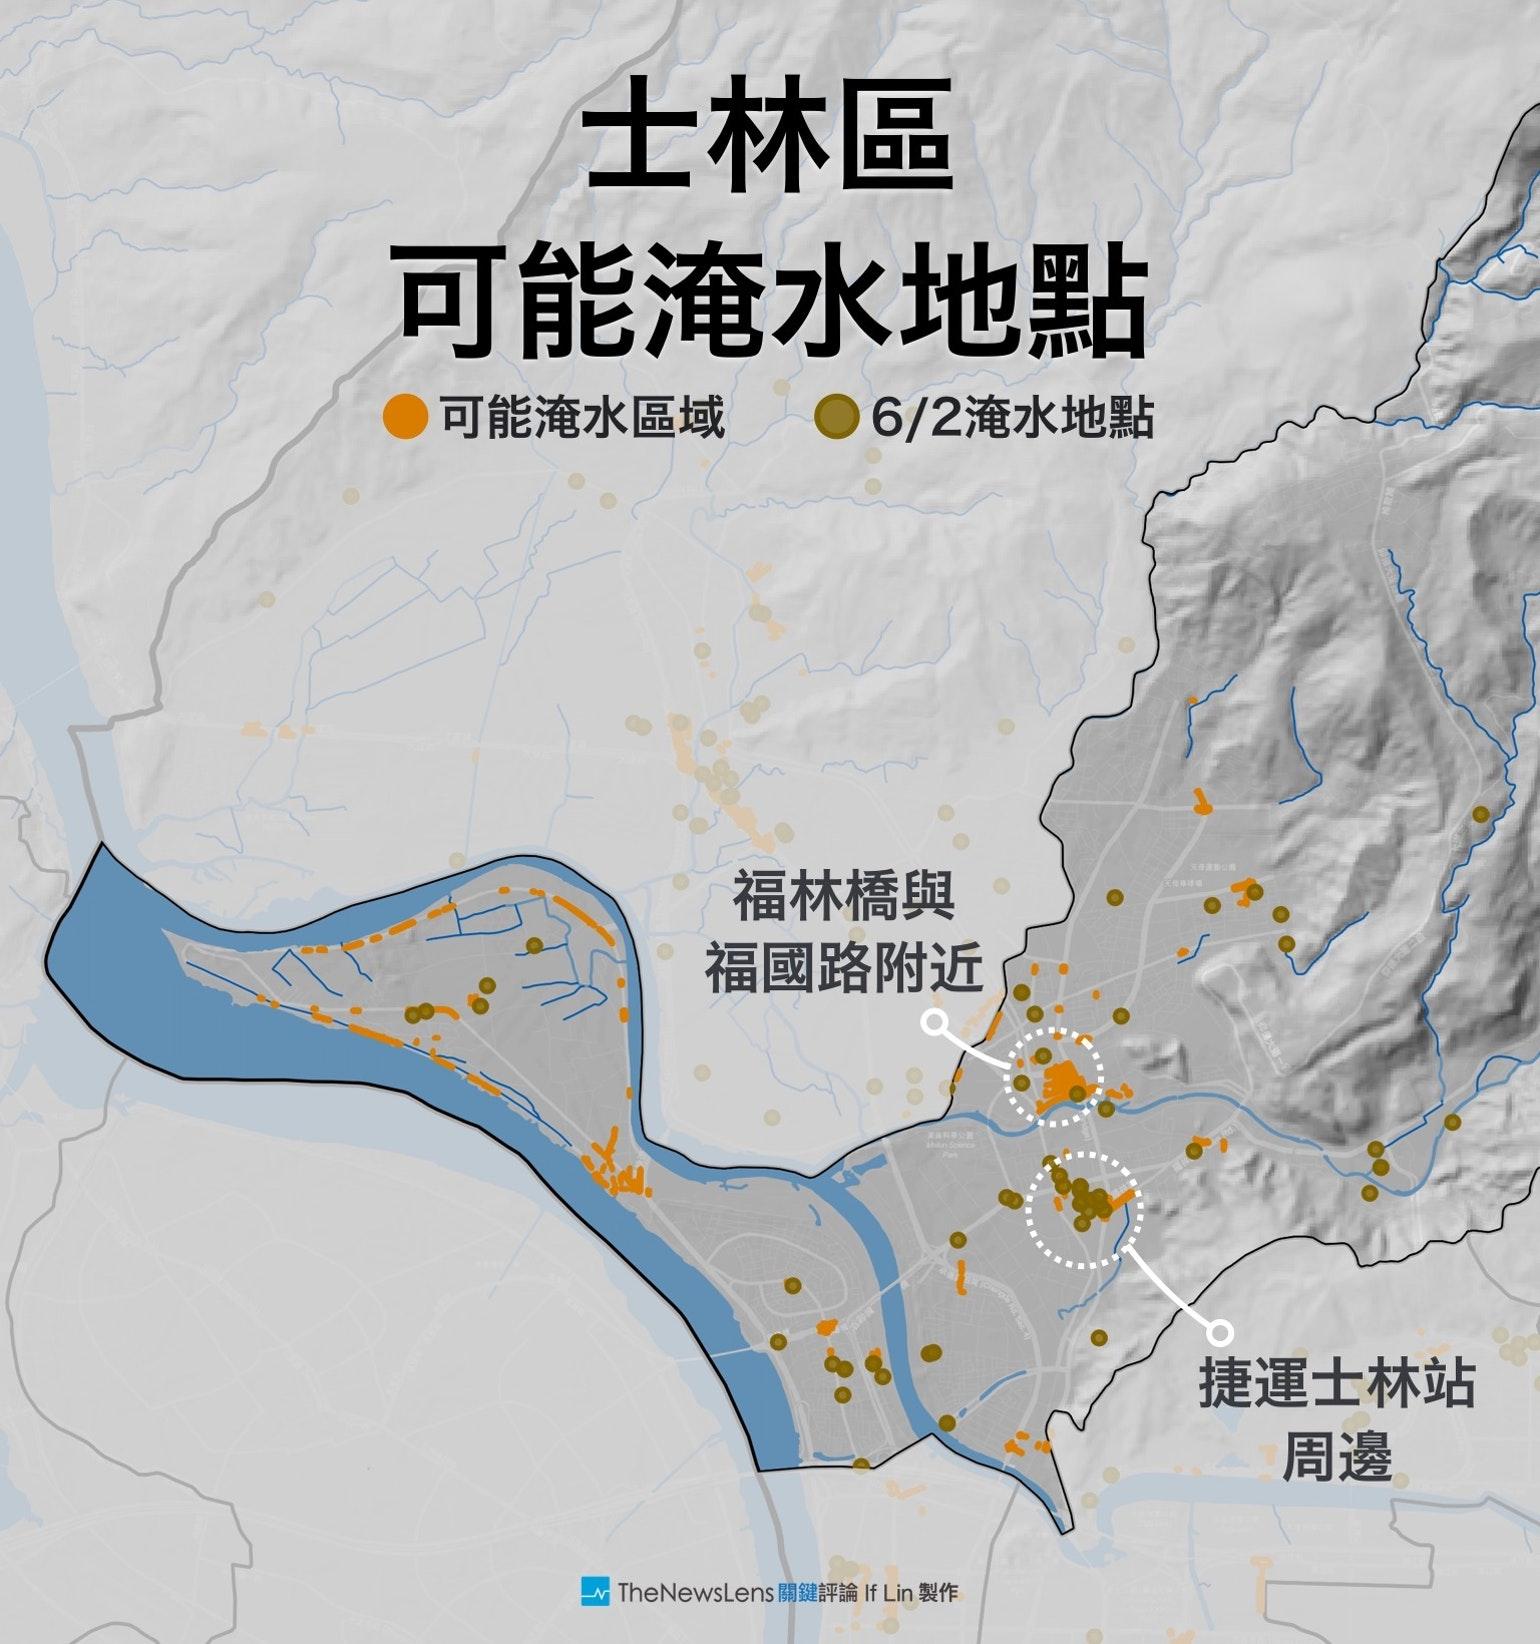 士林-分區淹水地圖製圖-直版_2